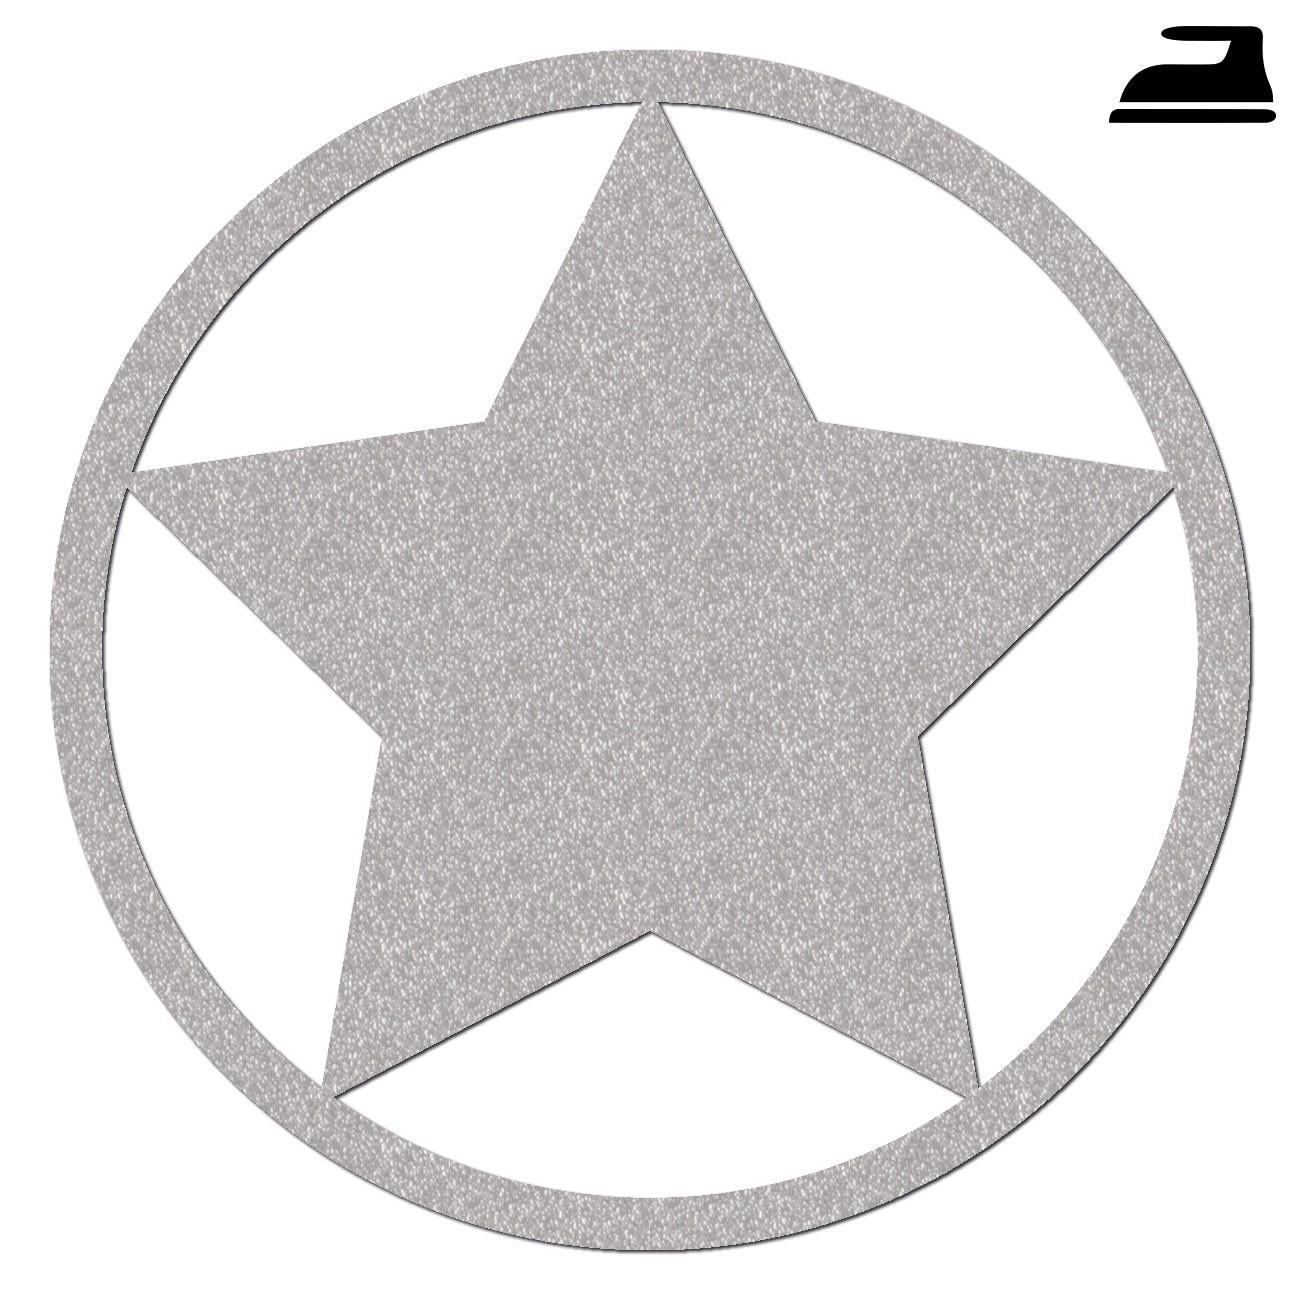 Reflektor Stern mit Kreis zum Aufbügeln